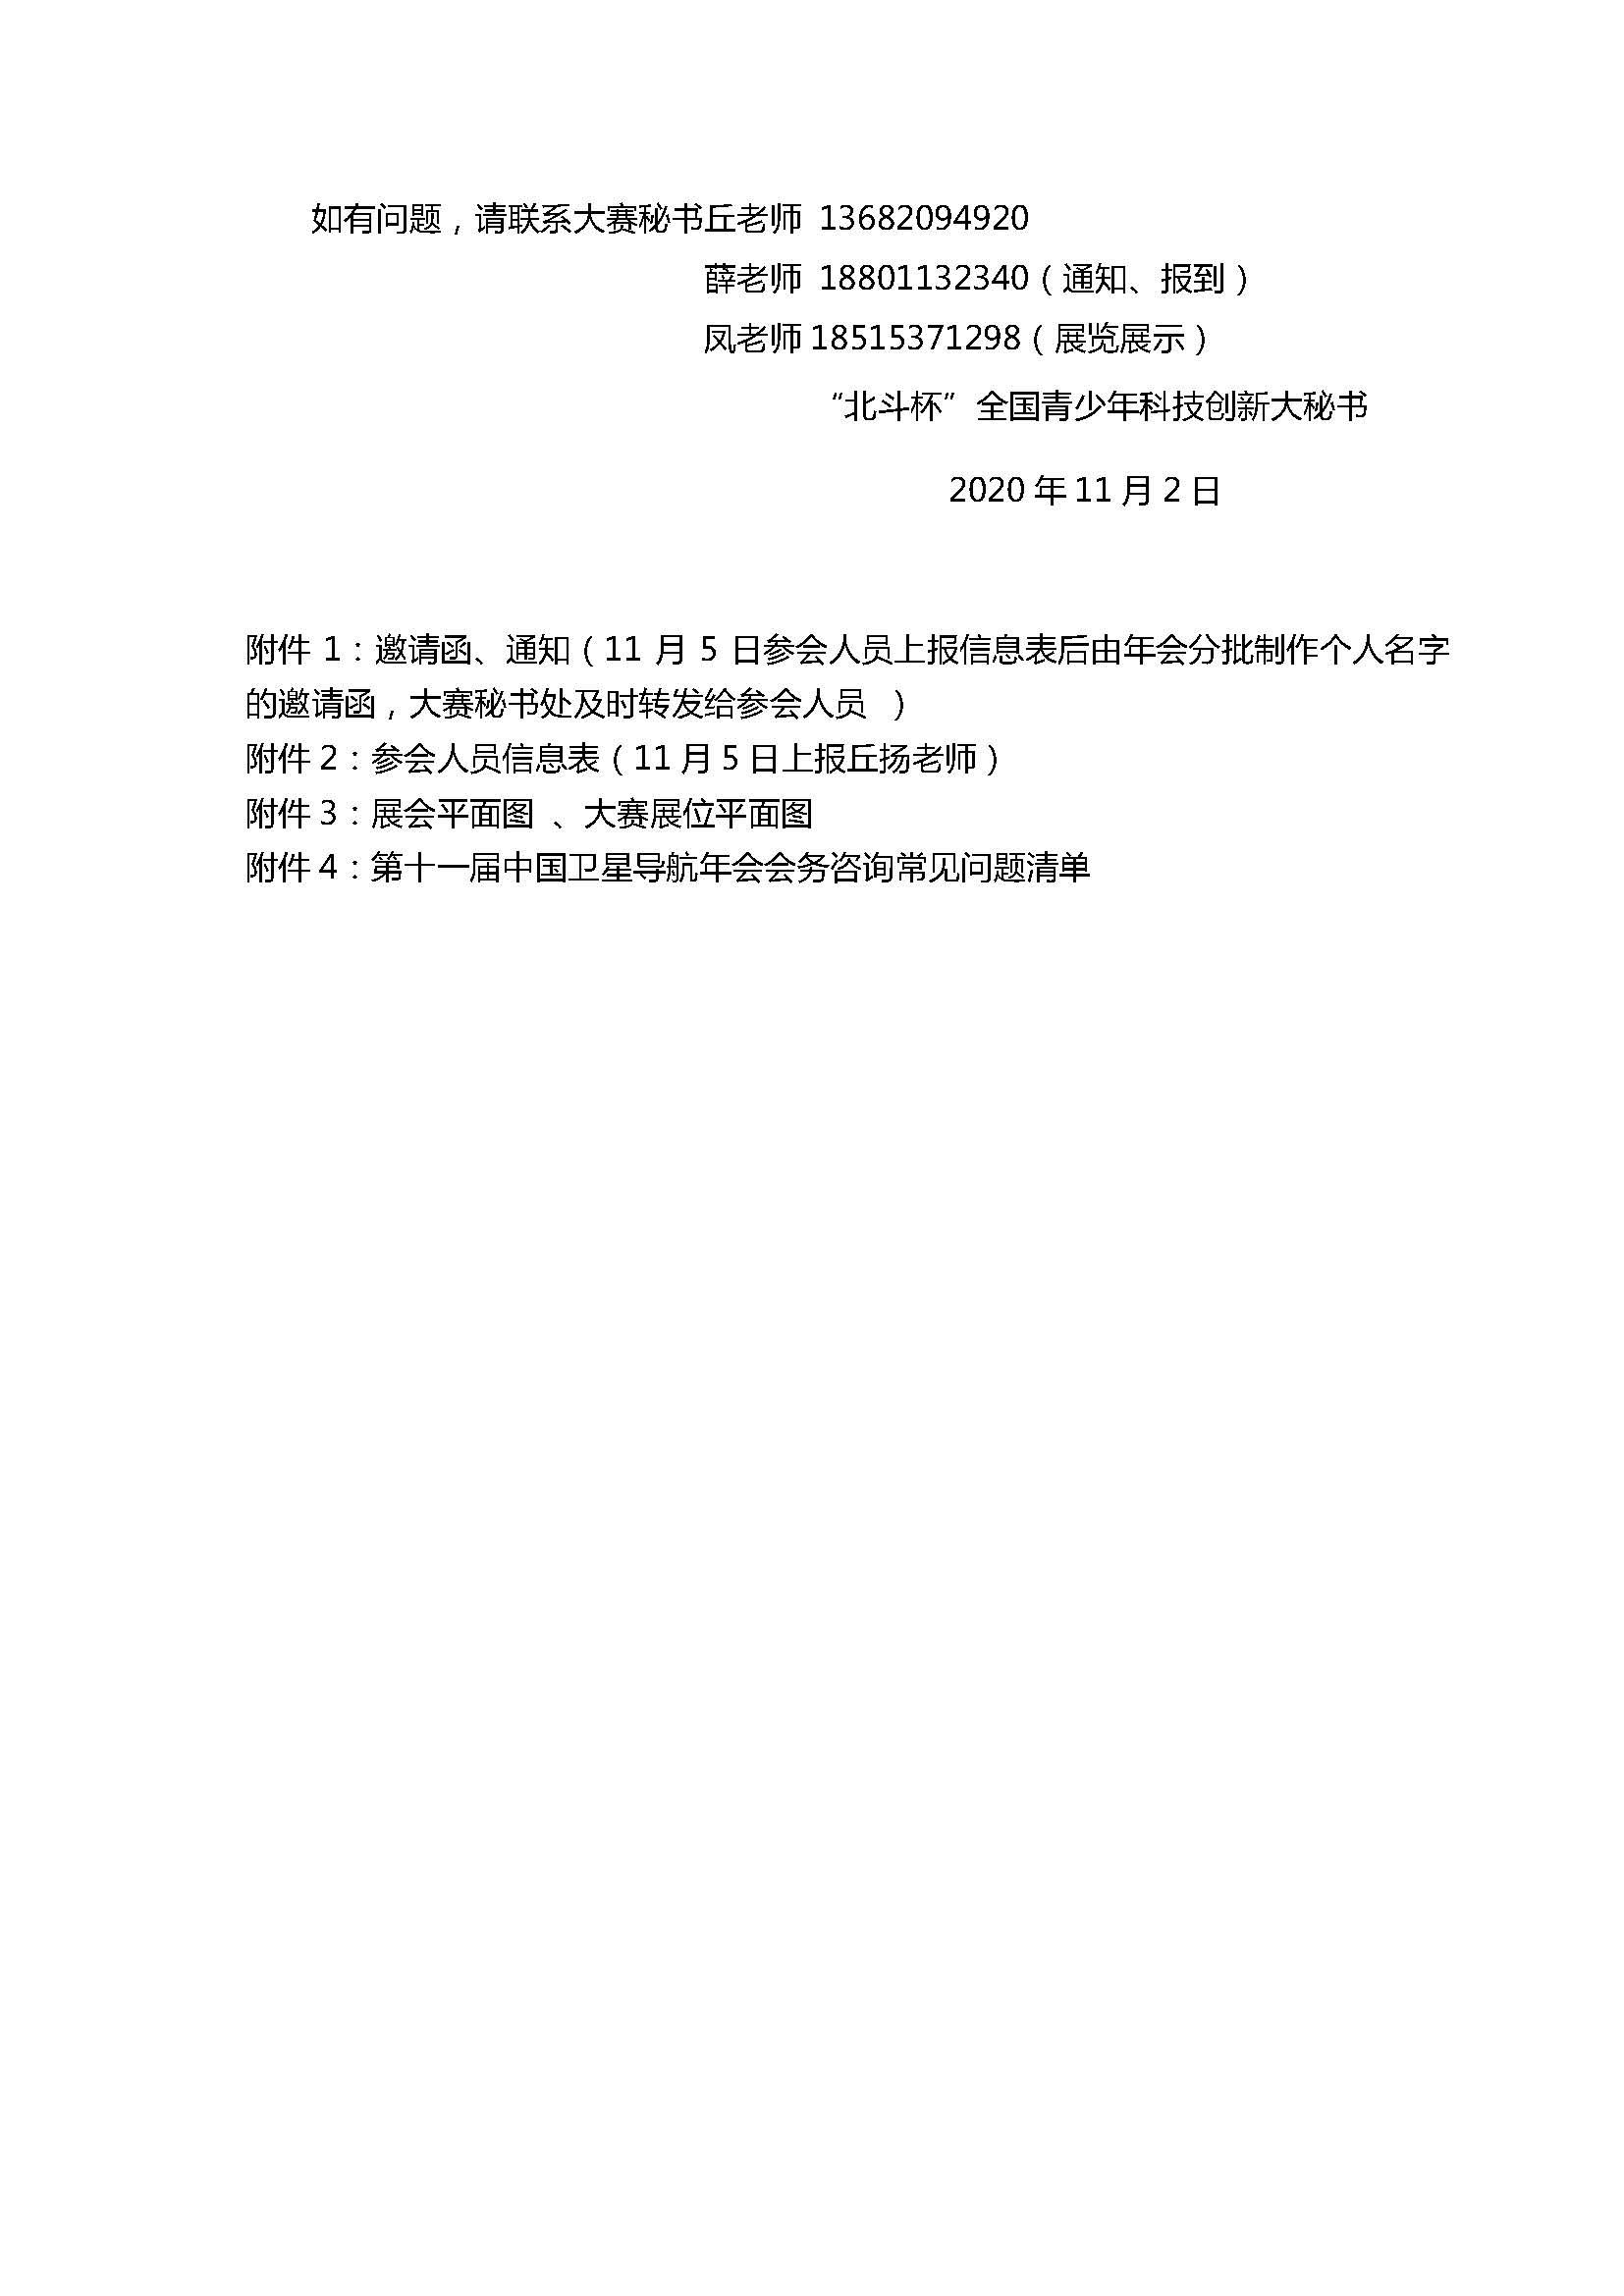 """""""北斗杯""""大赛秘书处关于参加第十一届卫星导航年会通知_页面_2.jpg"""